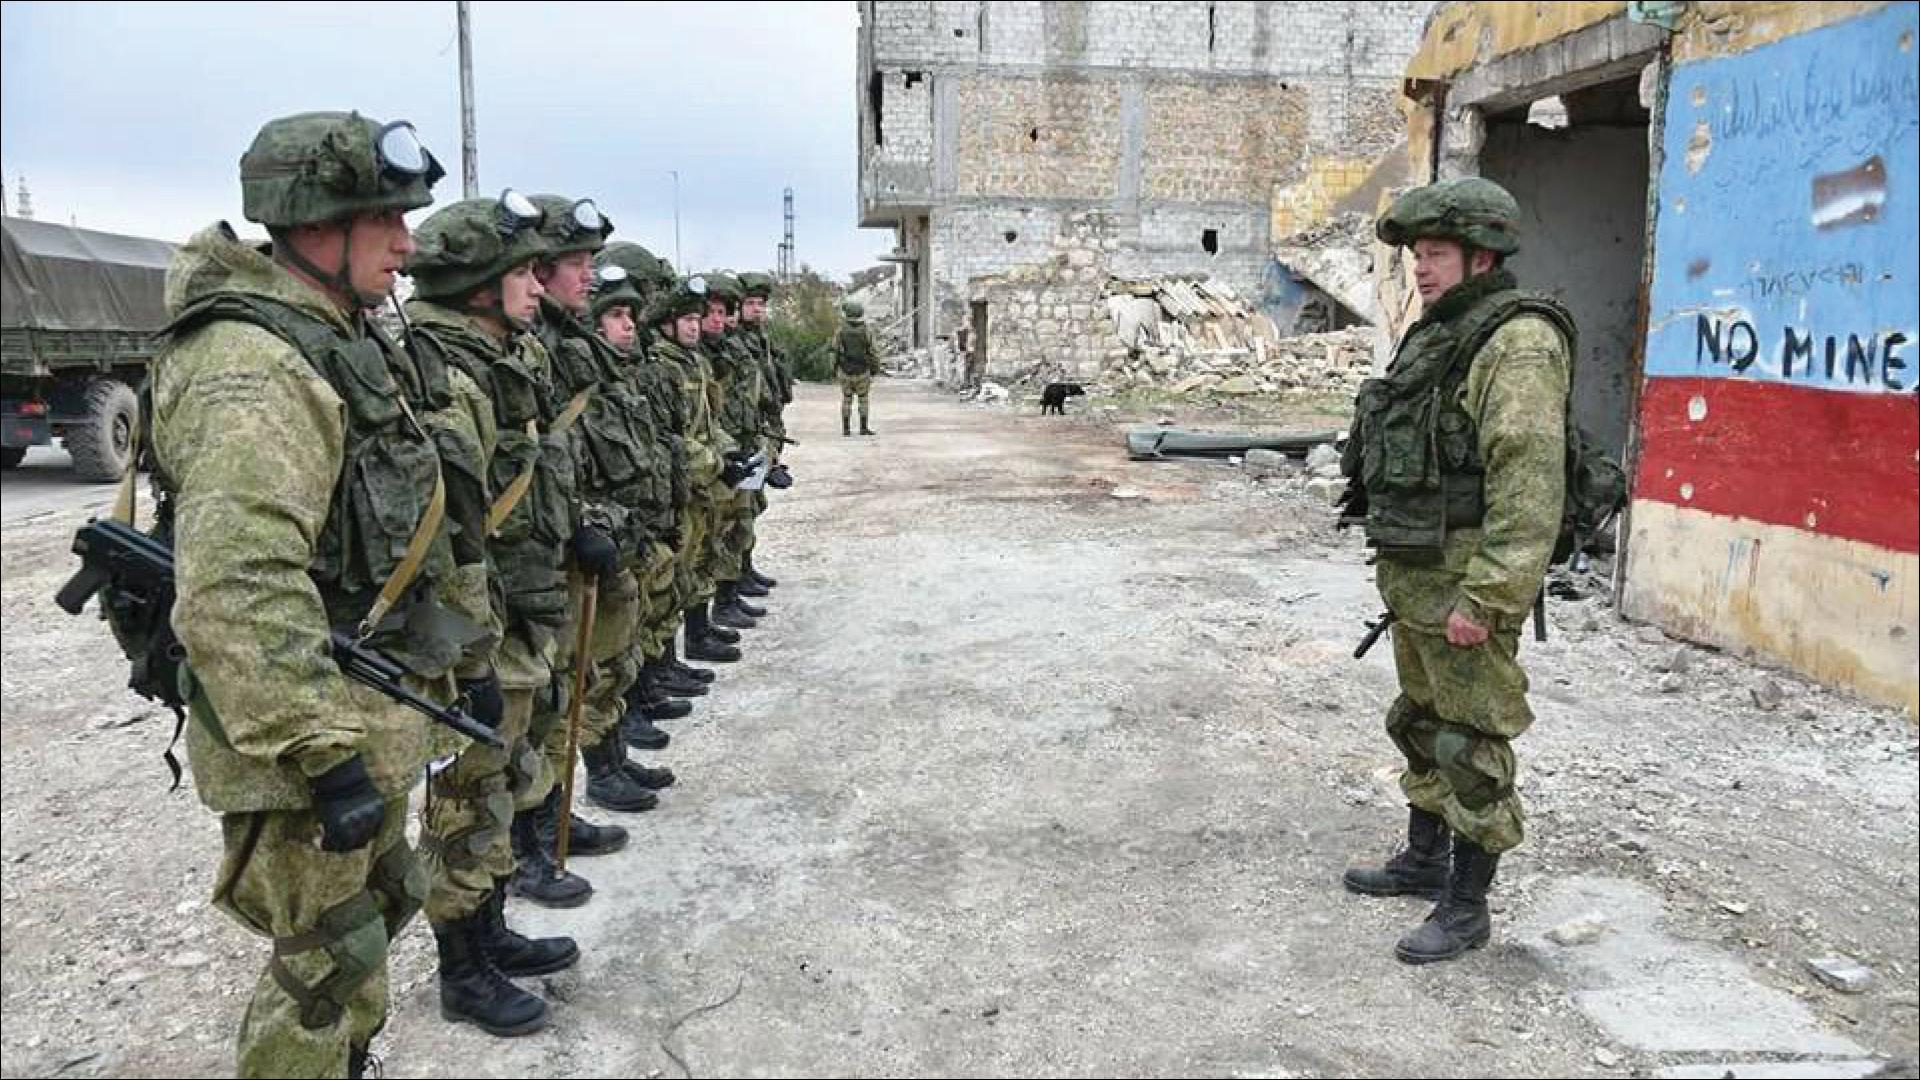 روسيا تعتزم إرسال مزيد من كتائب الشرطة العسكرية إلى سوريا لكن بشرط!